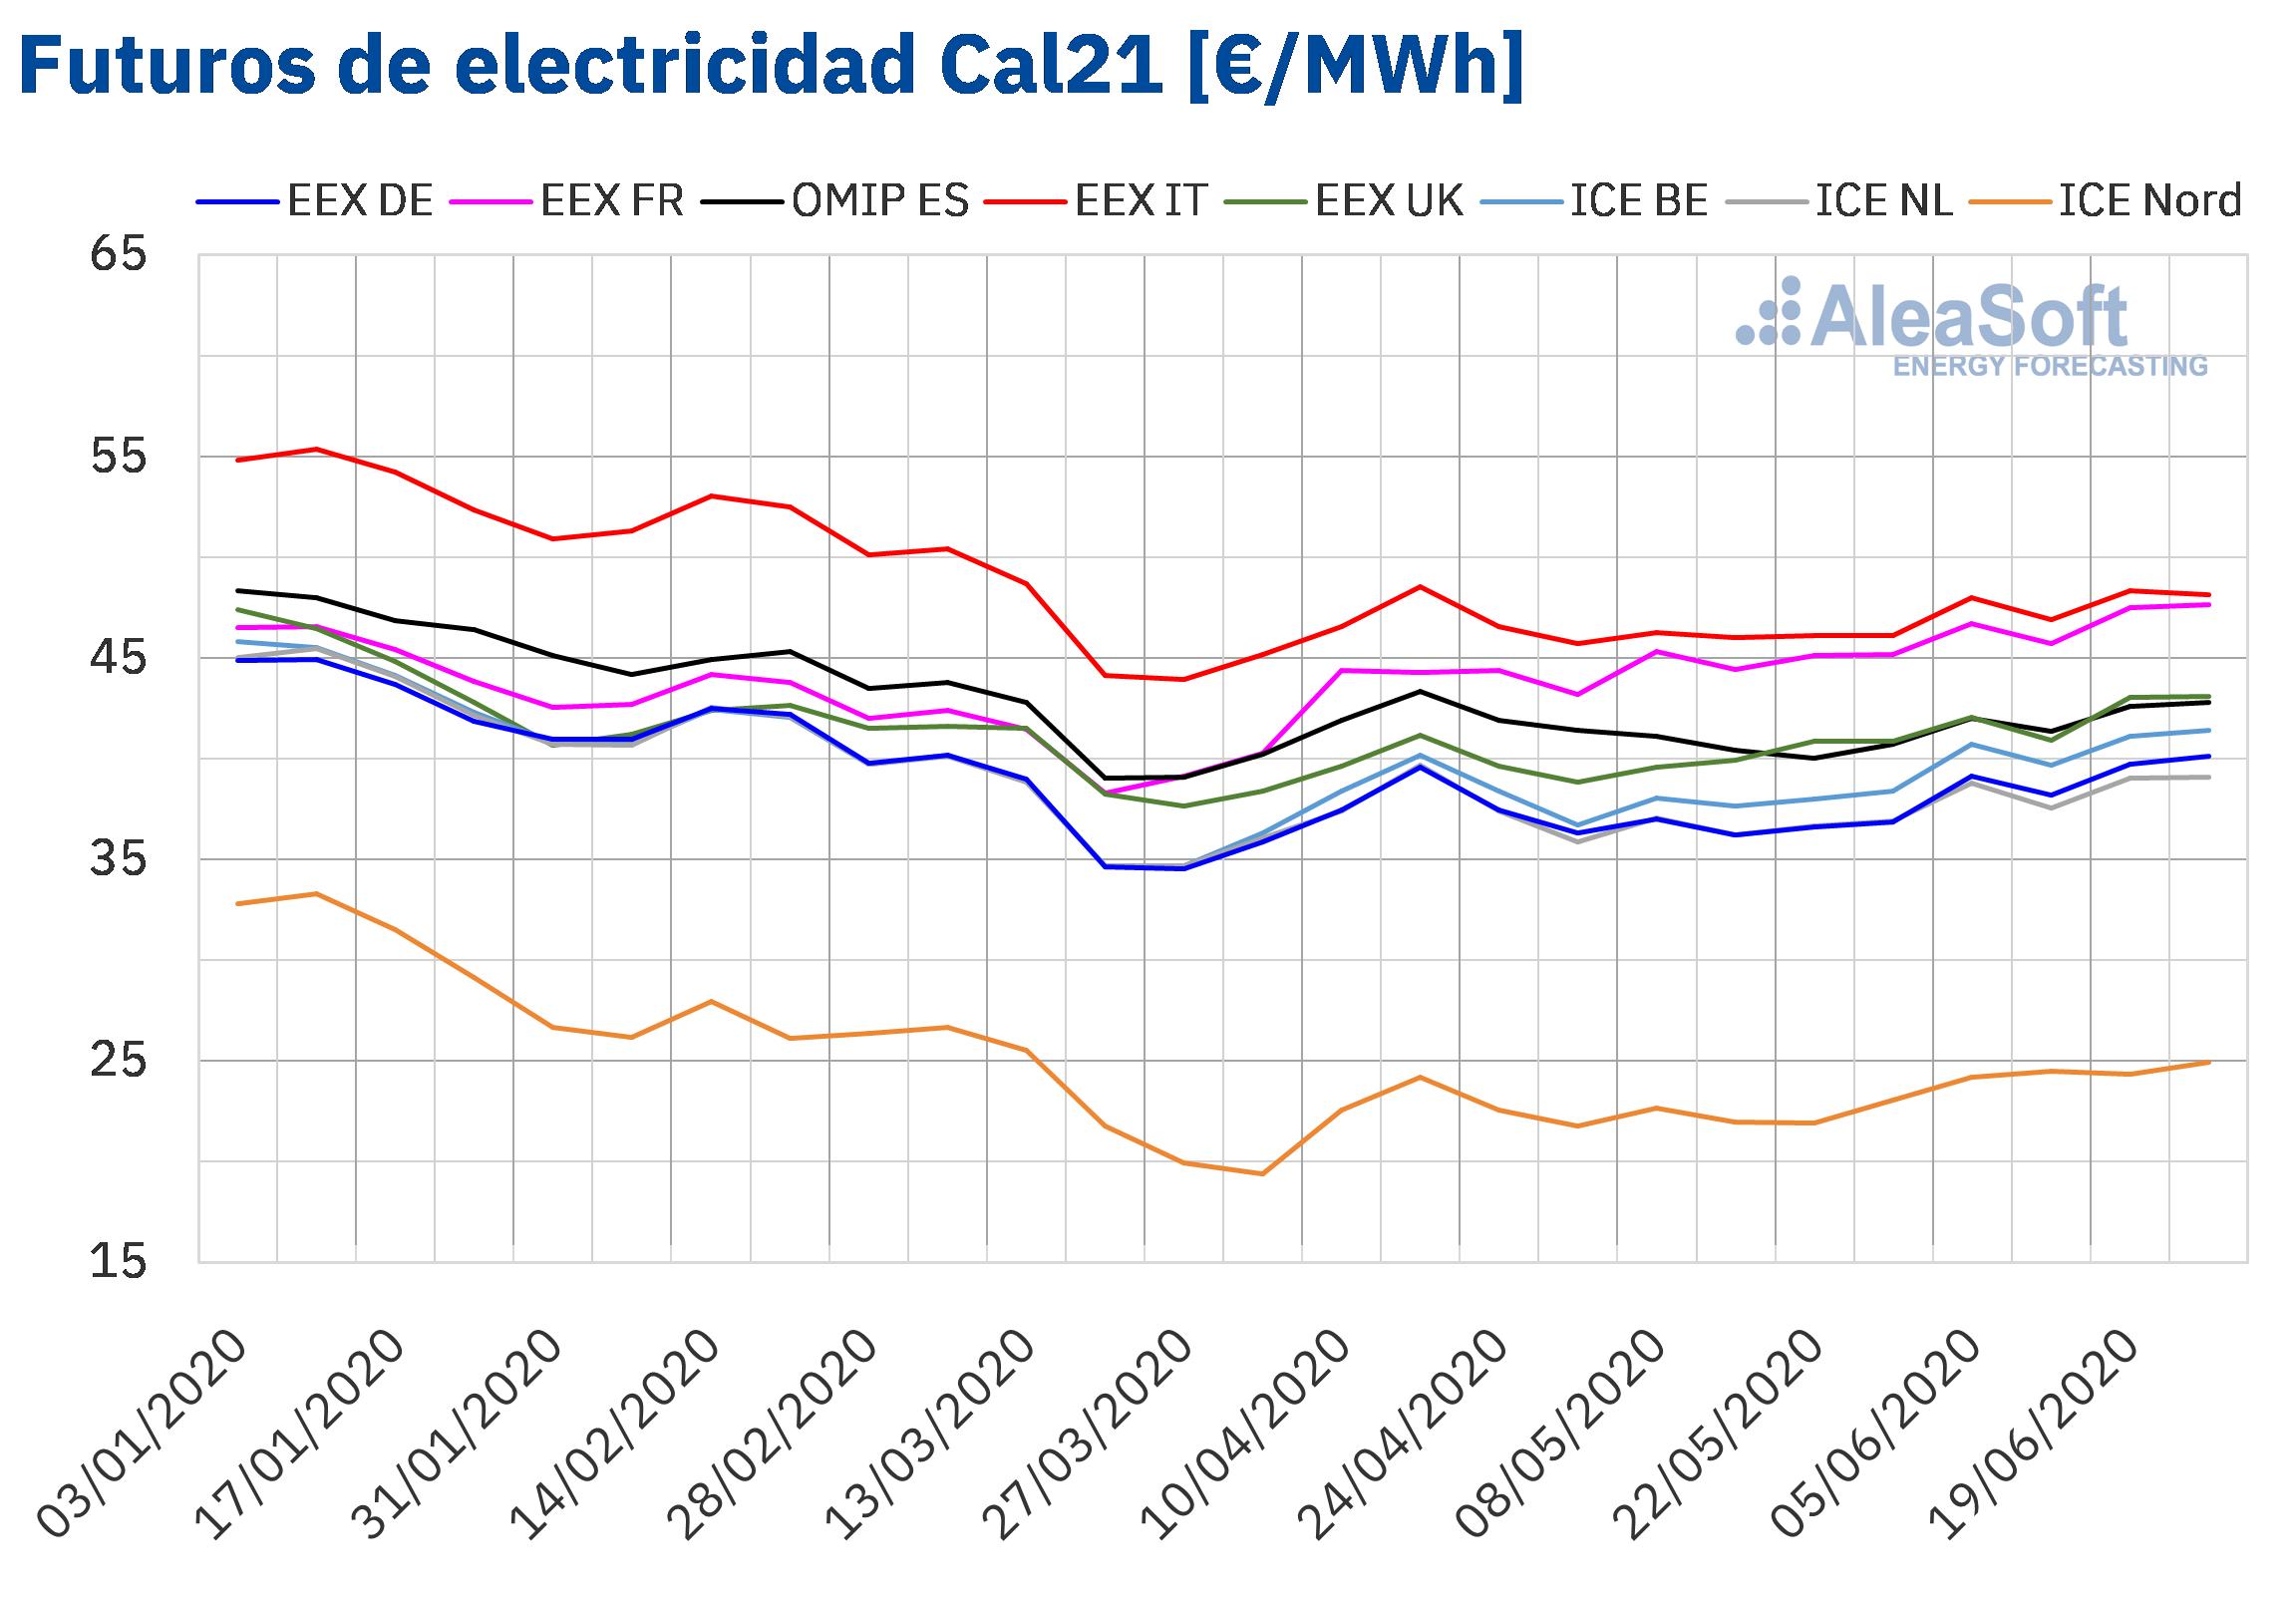 AleaSoft - Precios futuros electricidad cal 21 primer semestre 2020